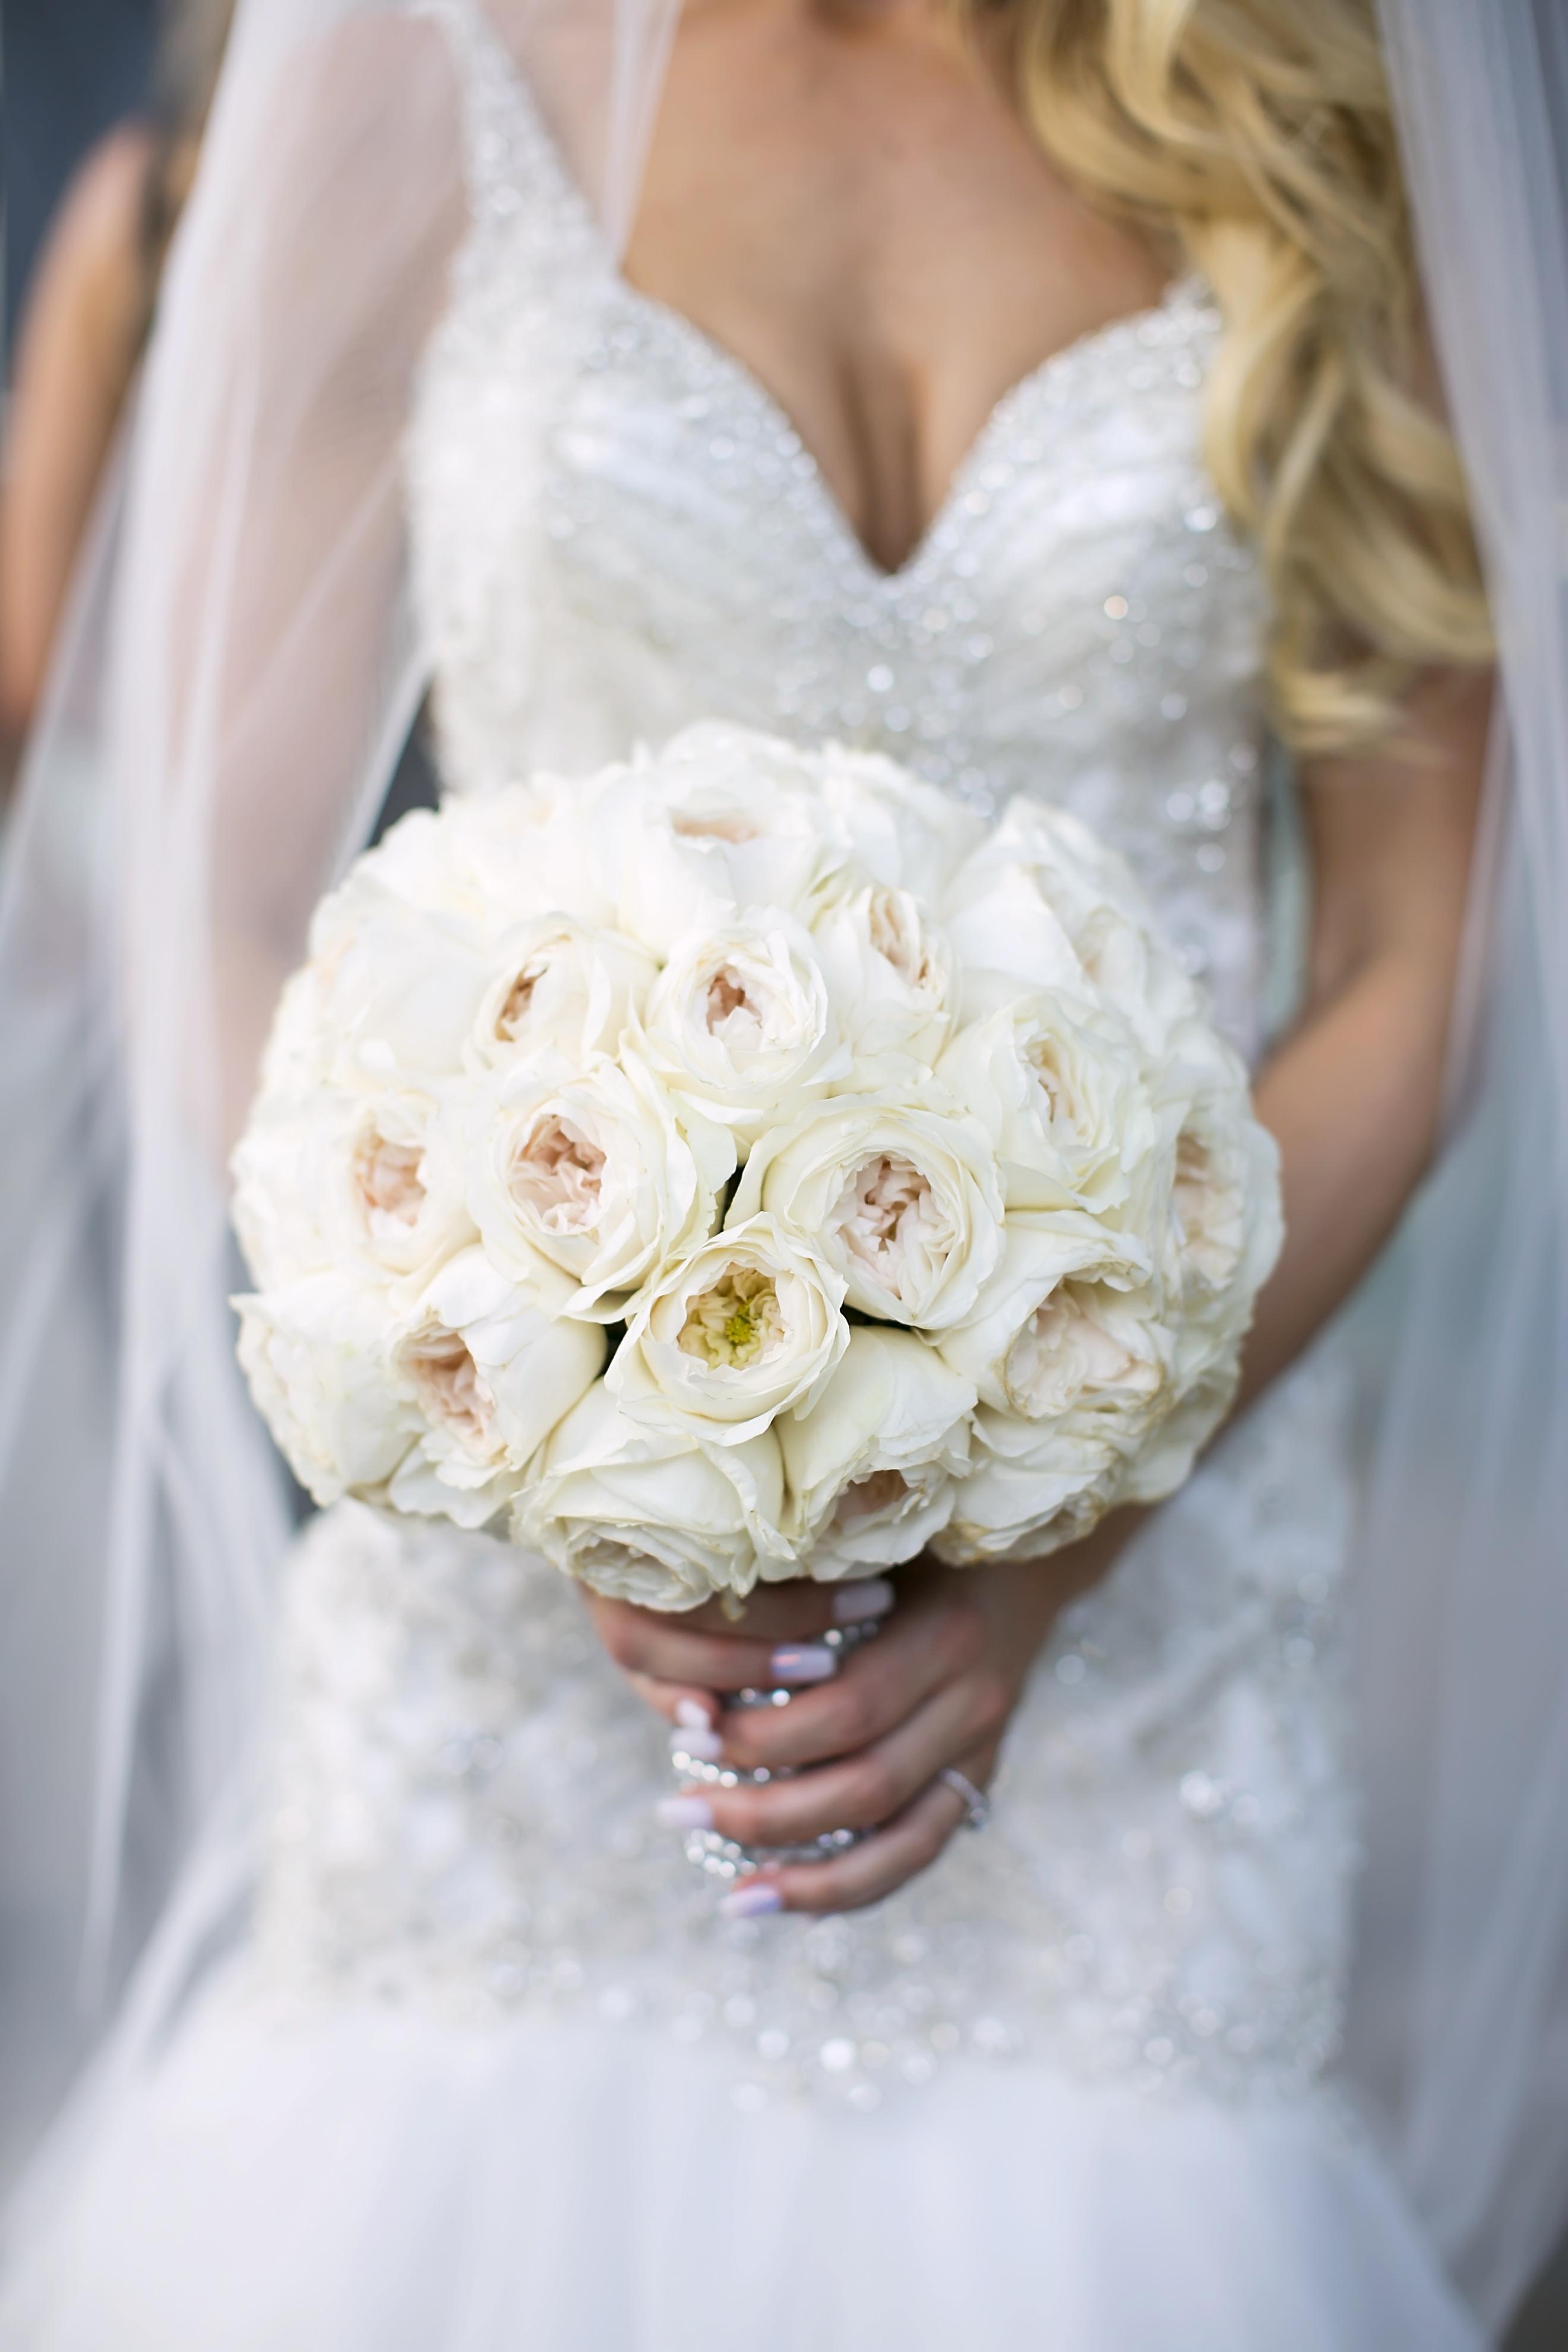 Black Tie Wedding - Posh Floral Designs